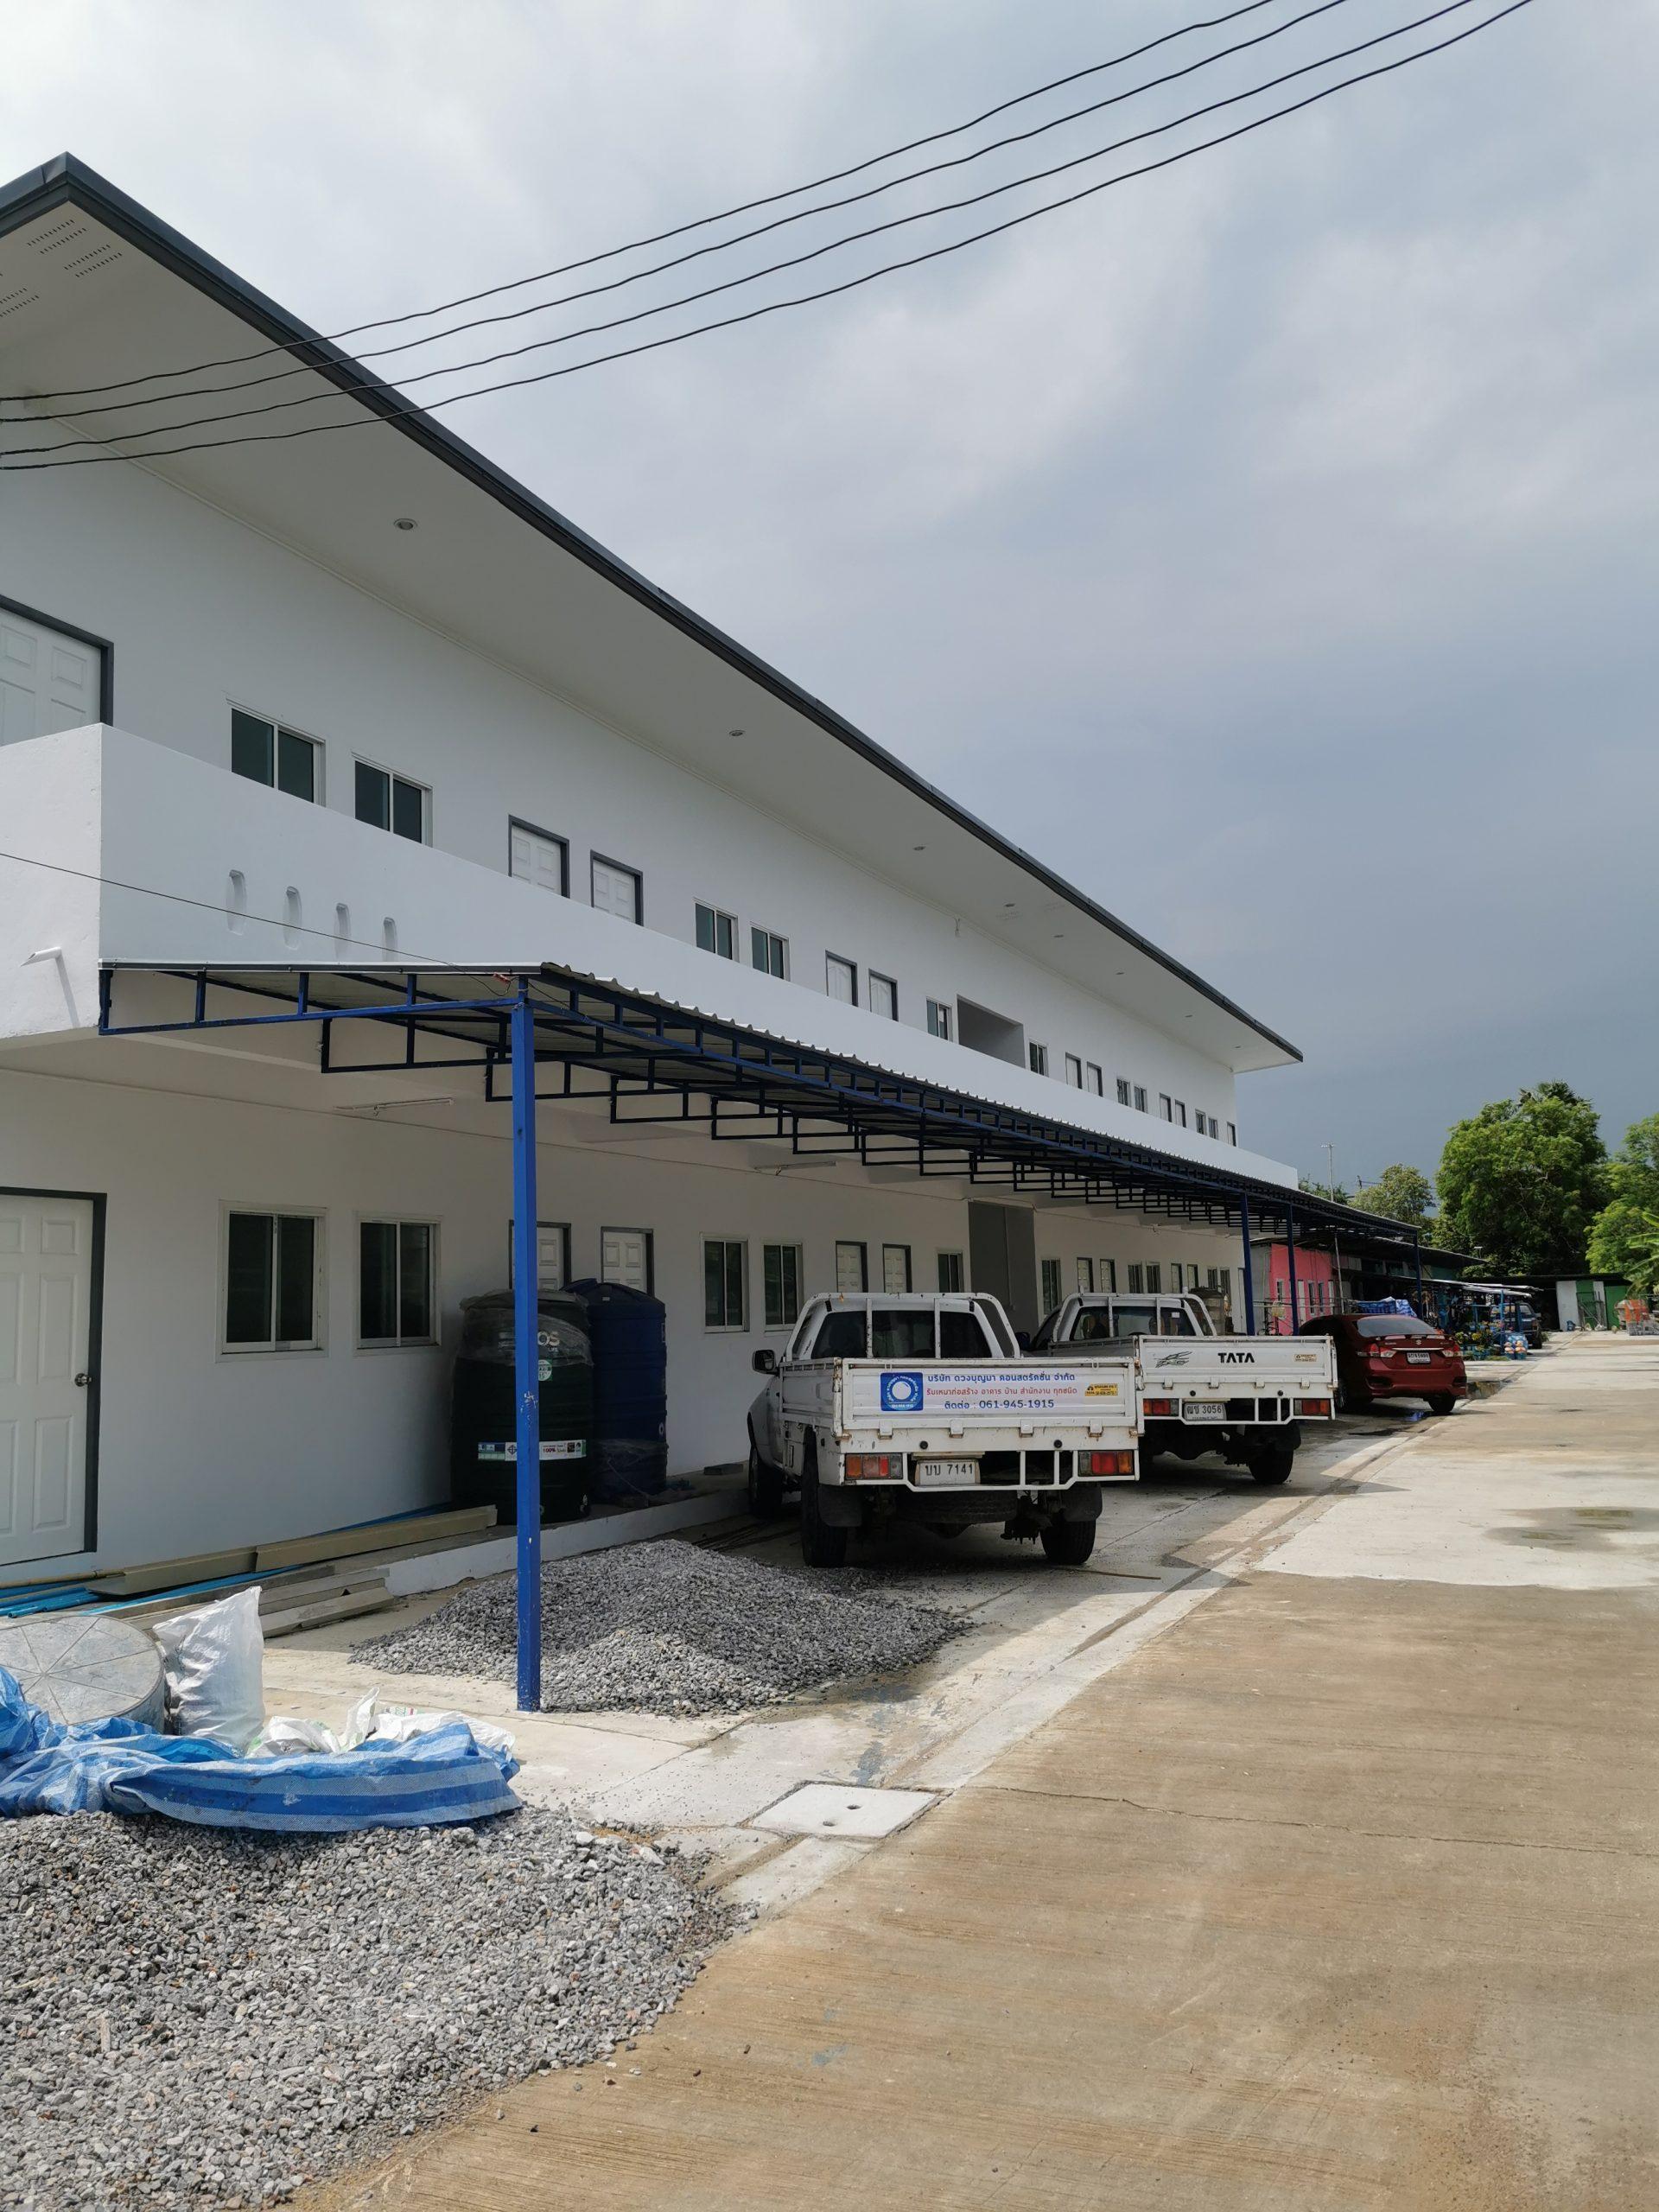 ขาย อาคารสร้างใหม่ 20 ห้องพร้อมที่ดิน 1 ไร่ ลาดหลุมแก้ว